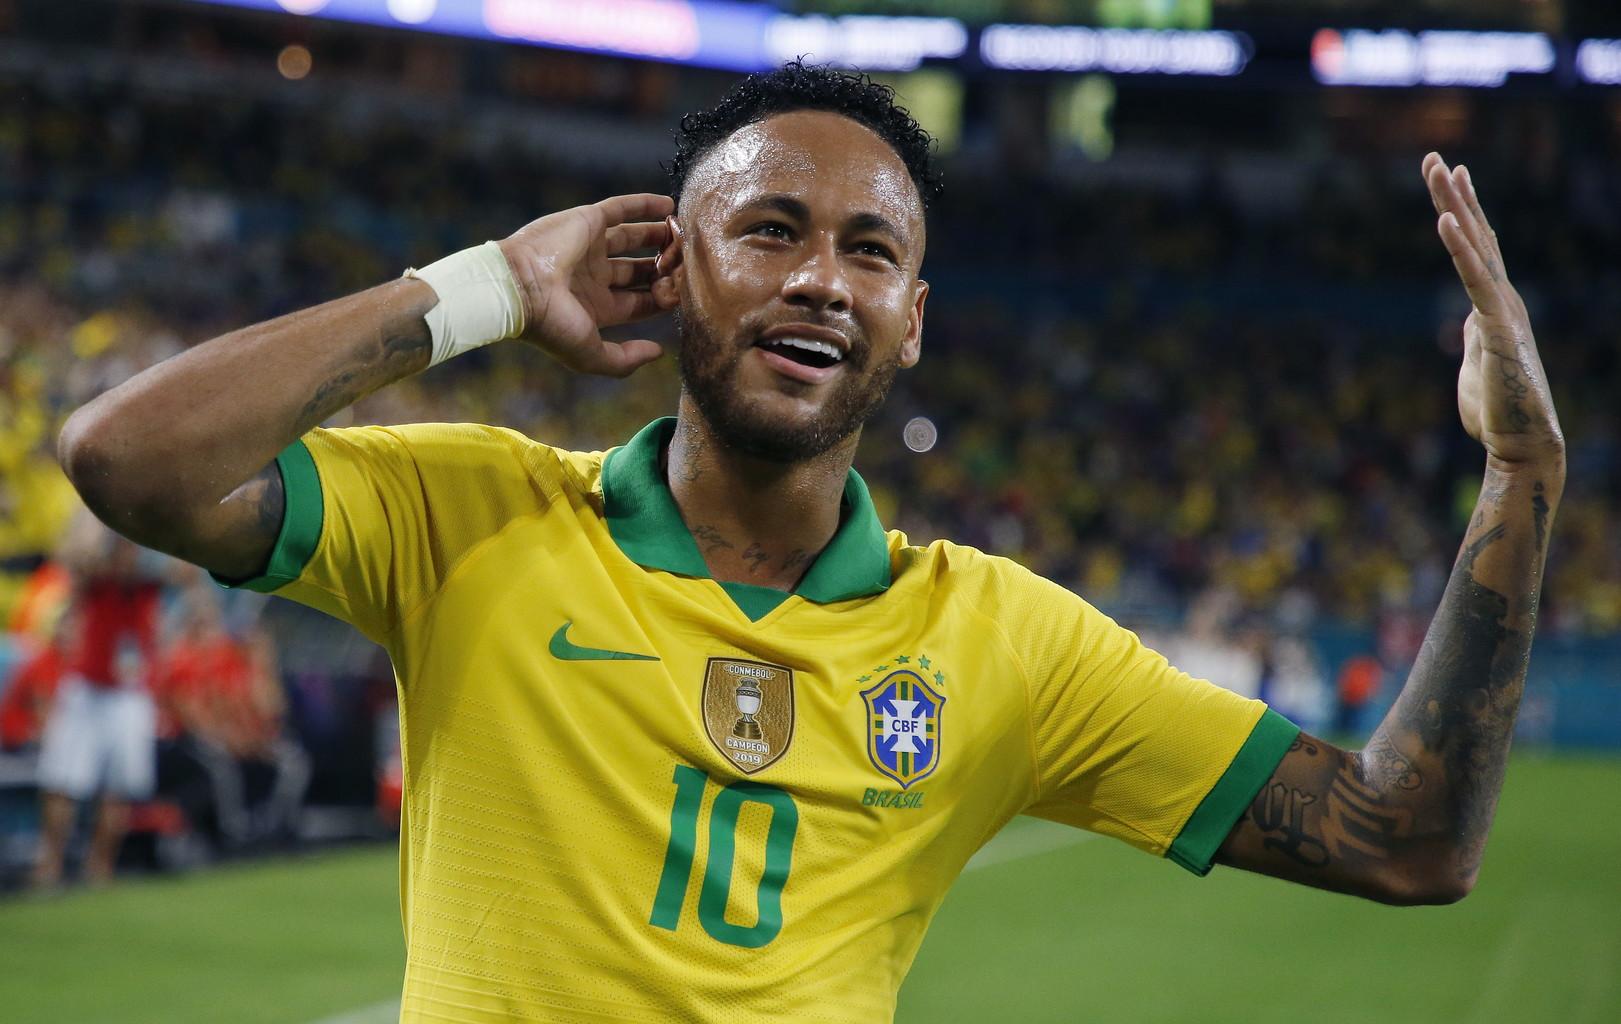 """Neymar subito """"on fire"""": l'attaccante del Psg, al centro di voci di mercato per tutta l'estate, torna a distanza di tre mesi dall'infortunio rimediato in nazionale contro il Qatar ed è protagonista nell'amichevole contro la Colombia con l'assist per il gol dell'1-0 di Casemiro su calcio d'angolo e la rete del definitivo 2-2 sul cross basso di Dani Alves. Sugli scudi anche Luis Muriel: l'attaccante dell'Atalanta ha realizzato una doppietta, segnando prima su rigore e poi con un destro vincente su assist dell'altroatalantino Duvan Zapata. Tra gli """"italiani"""" in campo dal 1' anche gli juventini Alex Sandro (che ha causato il rigore dell'1-1 con un fallo molto ingenuo) e Cuadrado oltreal napoletano Ospina, mentre a 7 minuti dal termine è entrato il milanista Paquetà."""